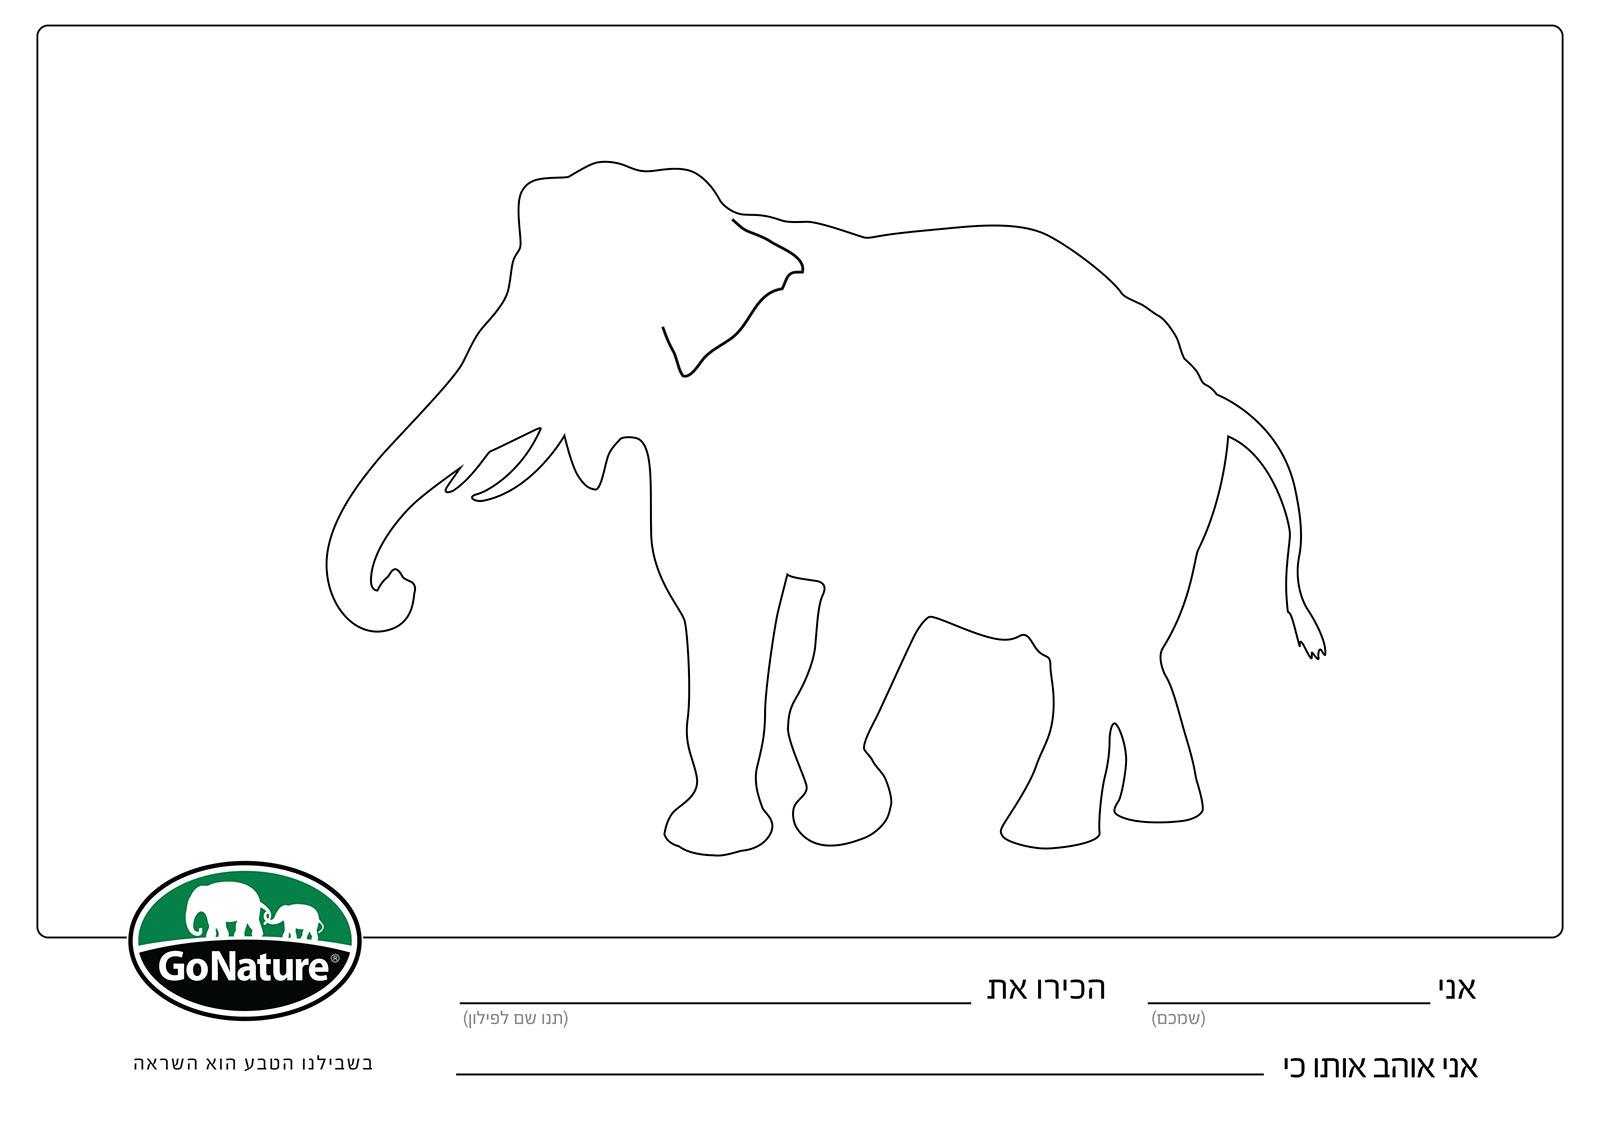 דף צביעה להדפסה ליום הפיל הבינלאומי 2021